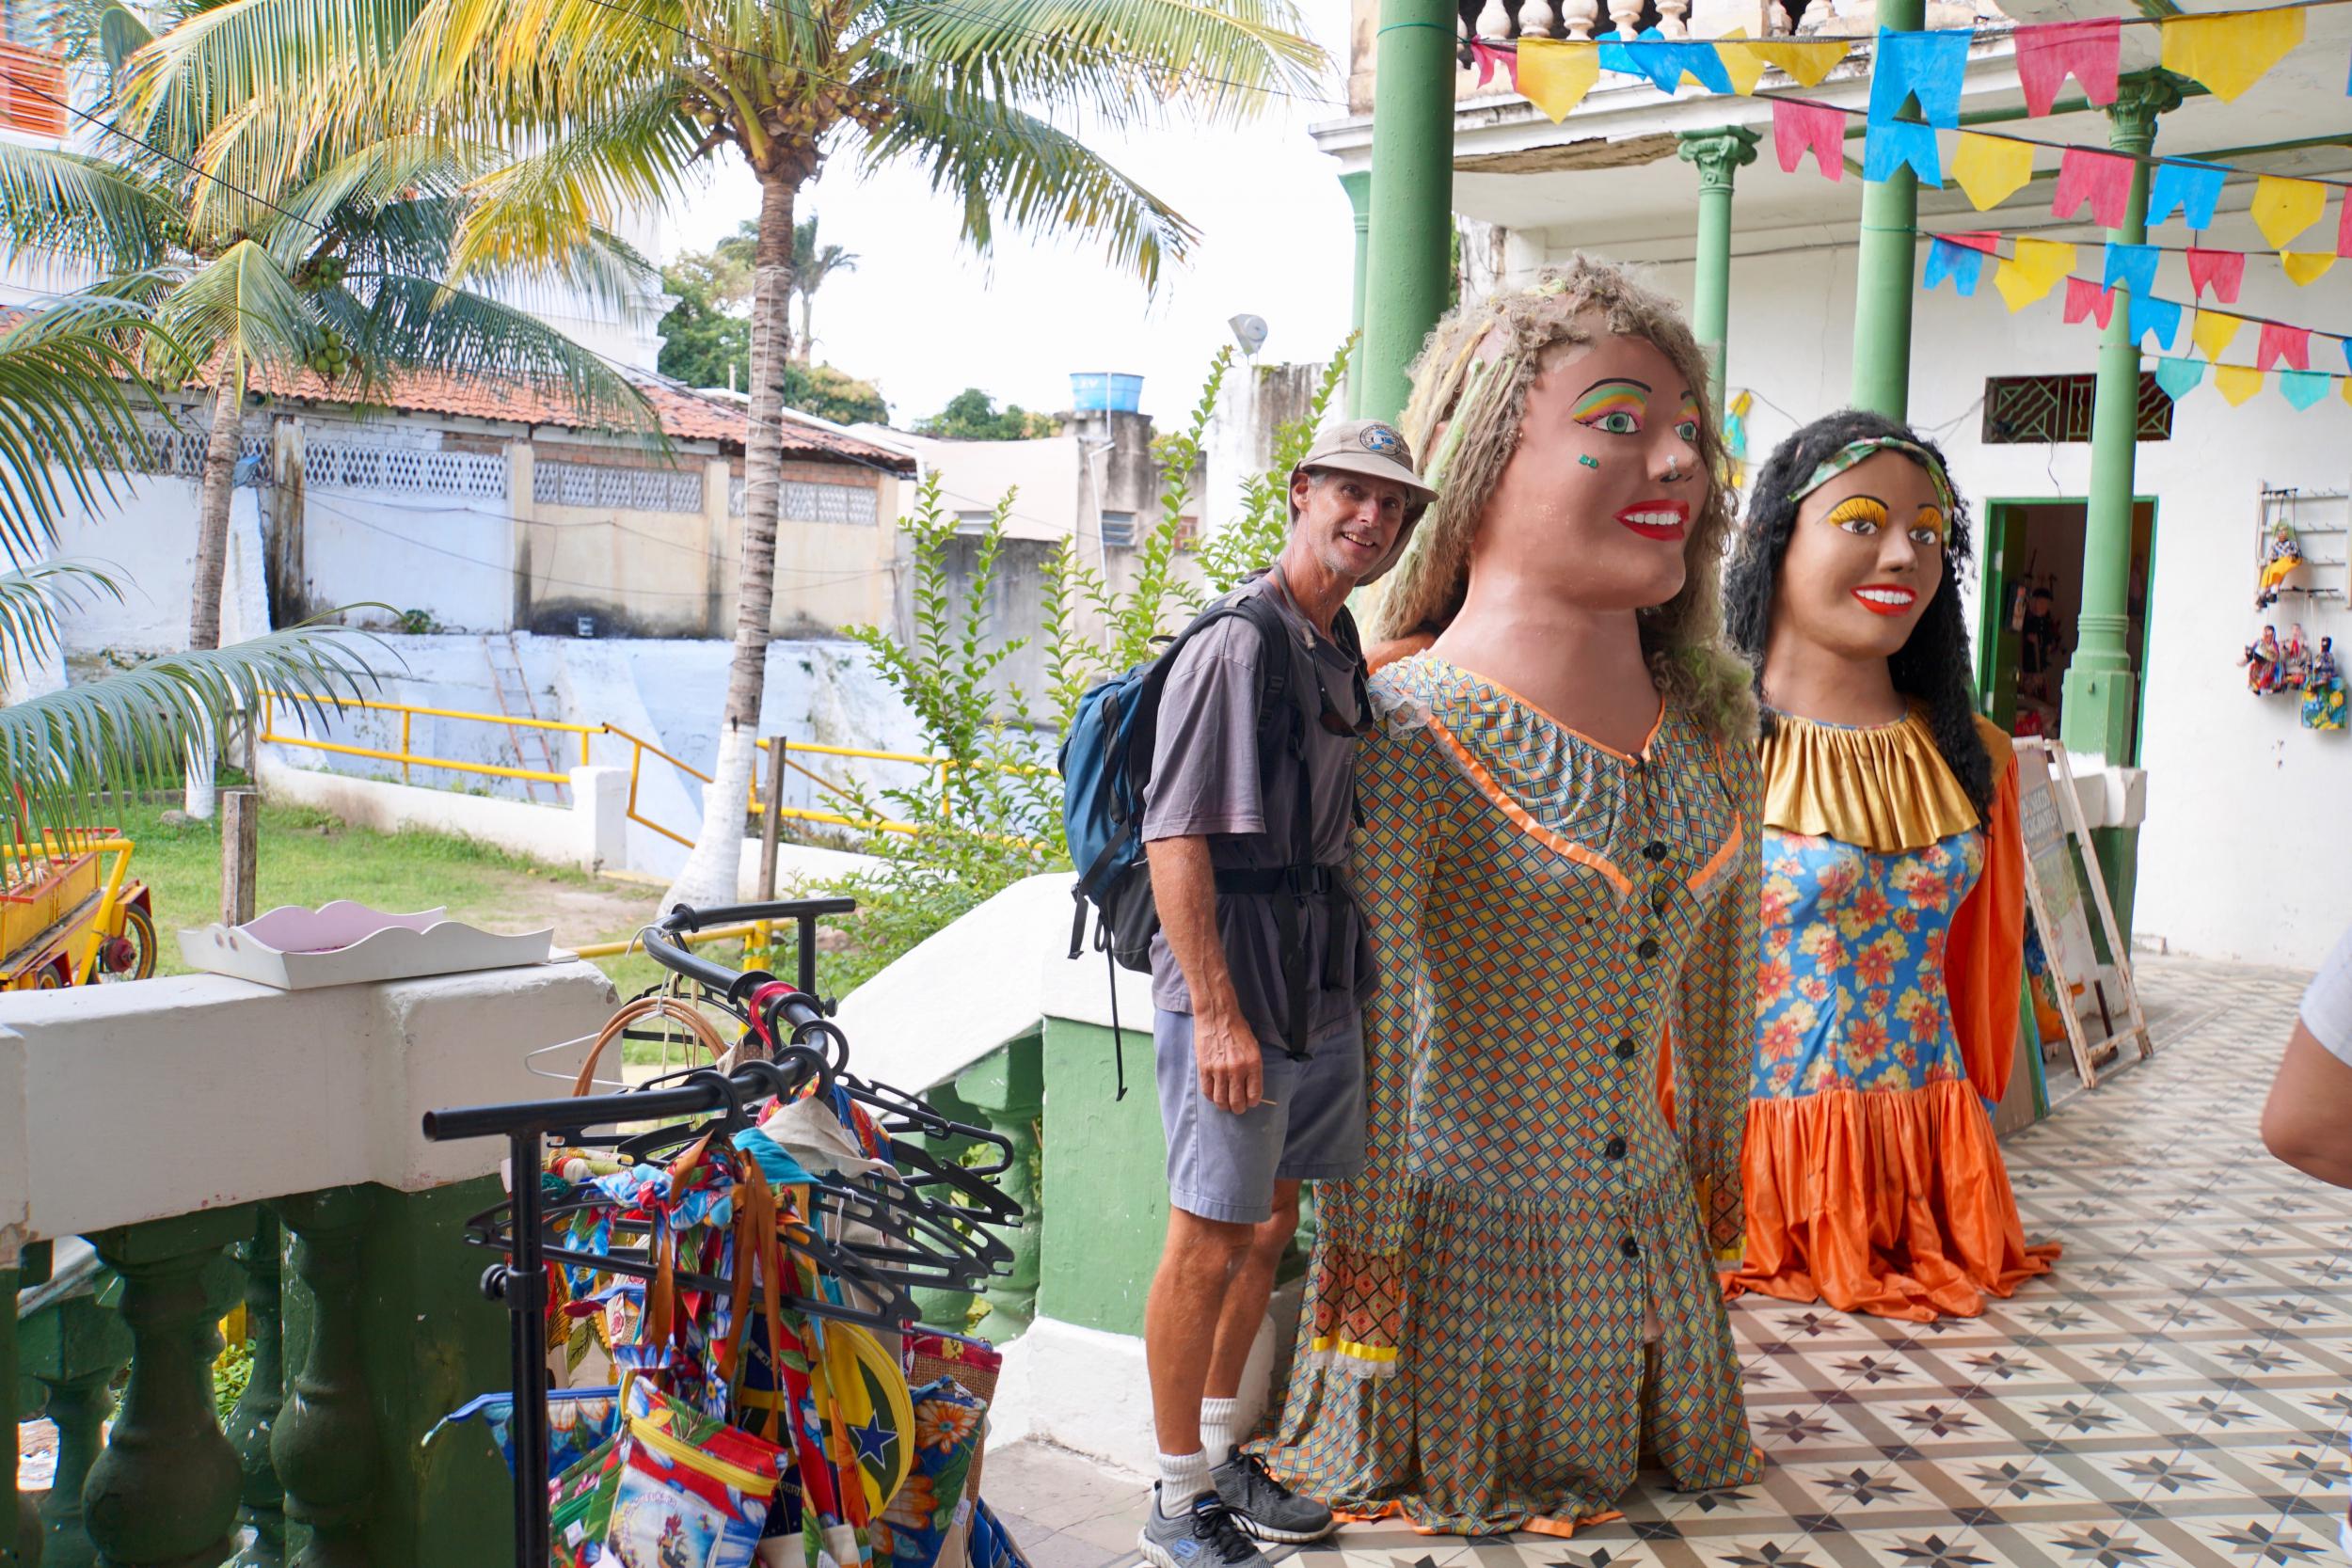 4. Figurines from Carnival in Olinda